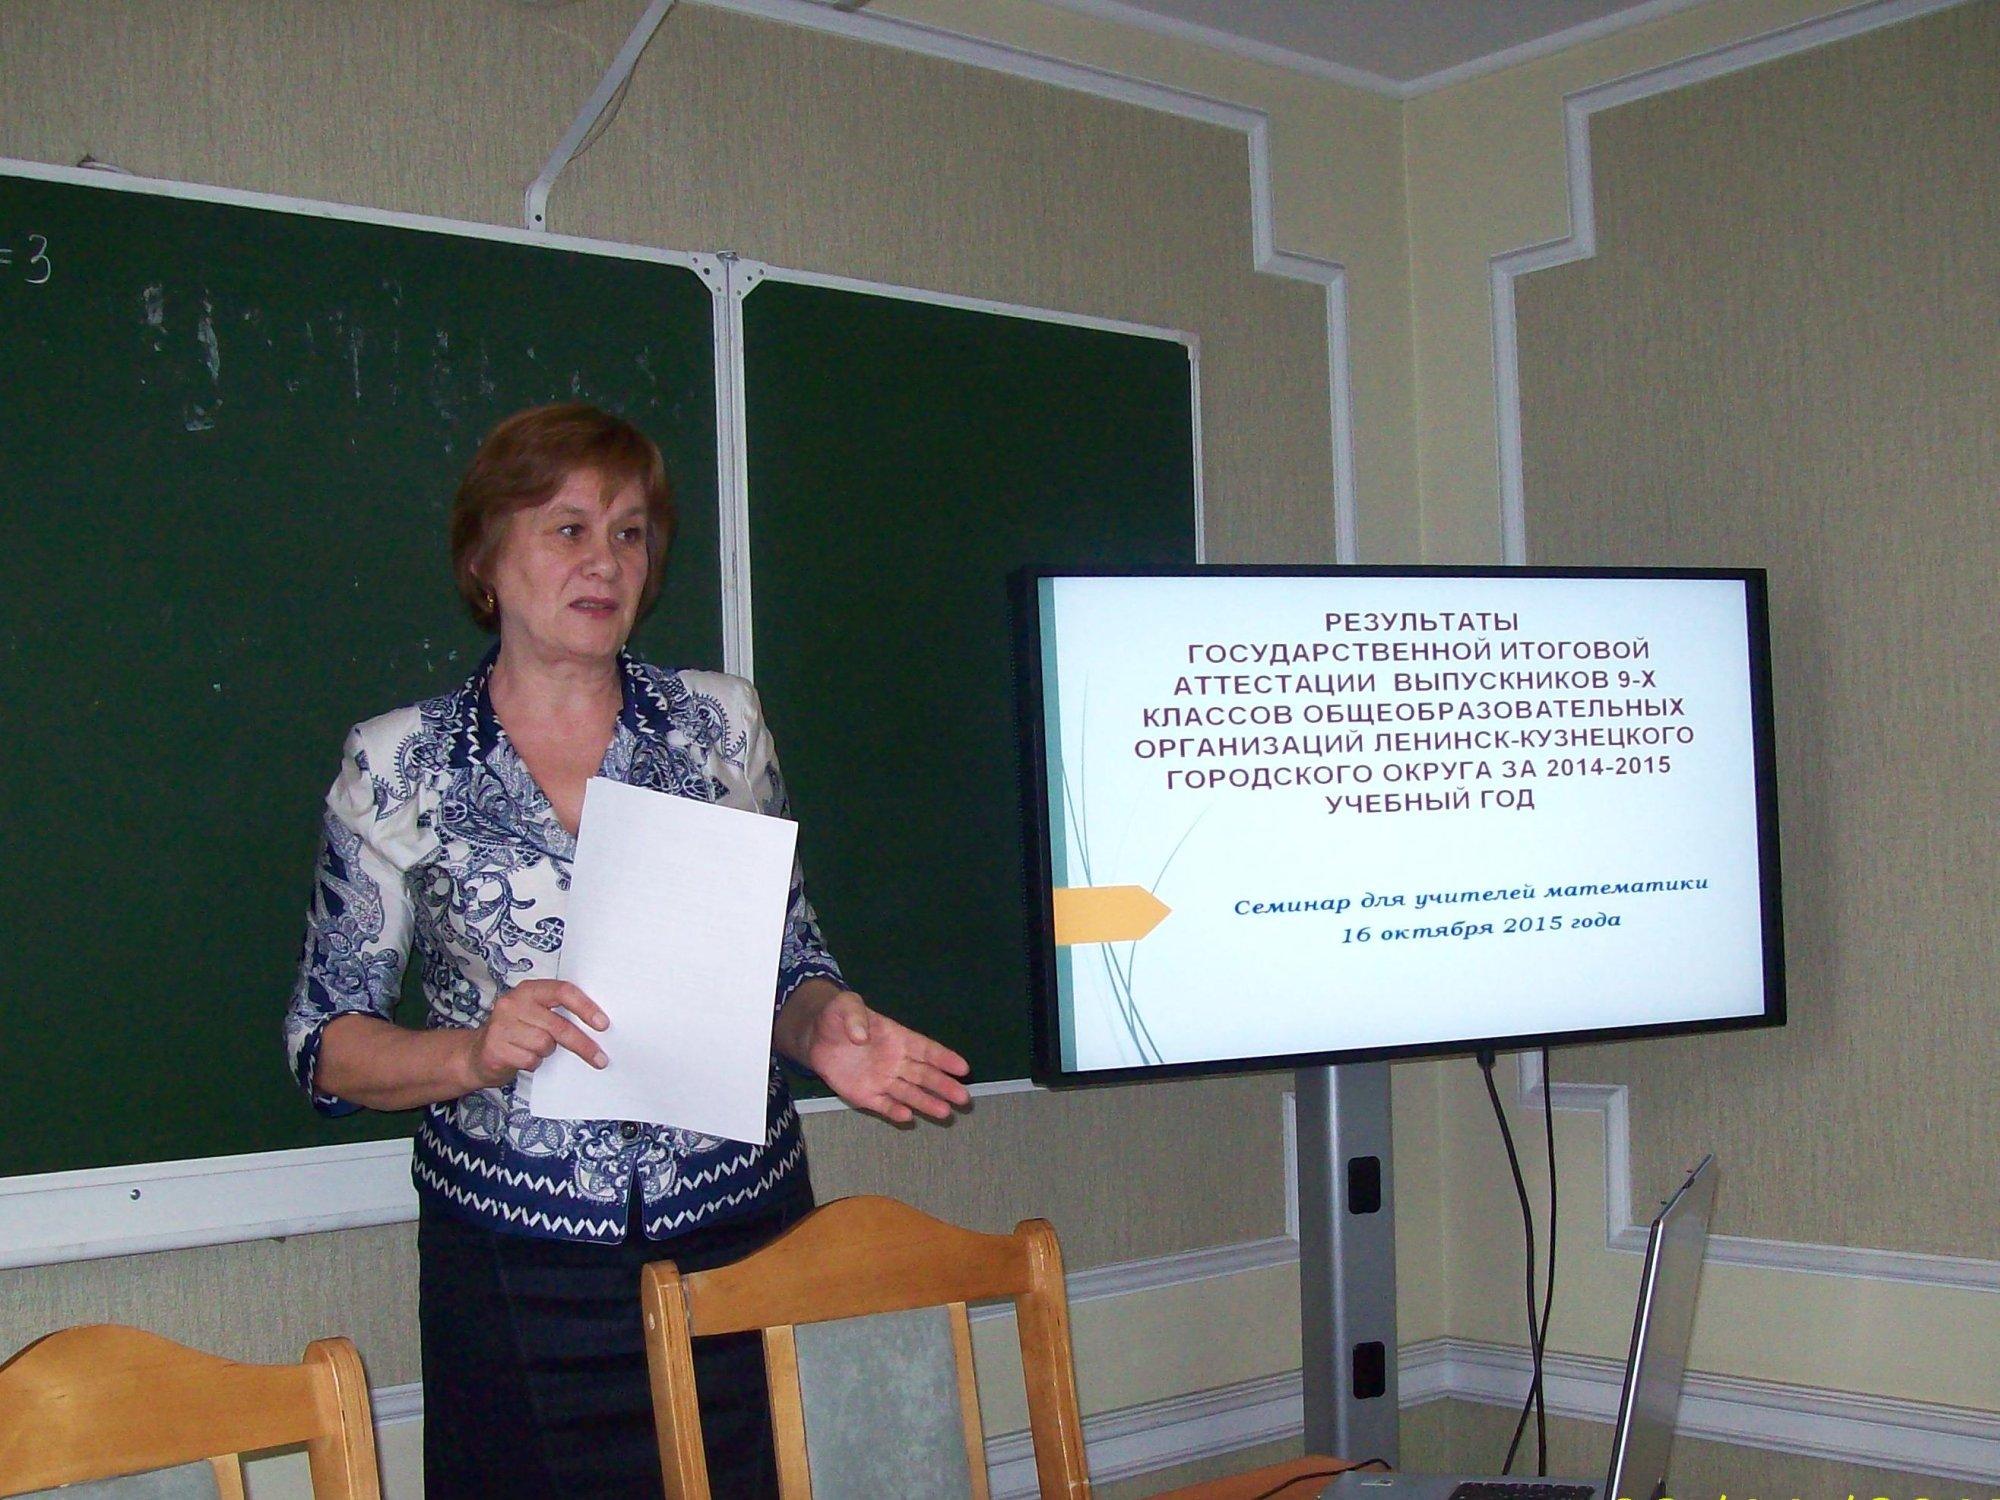 Состоялся проблемный семинар «Результаты государственной итоговой аттестации по математике выпускников 9–х классов»